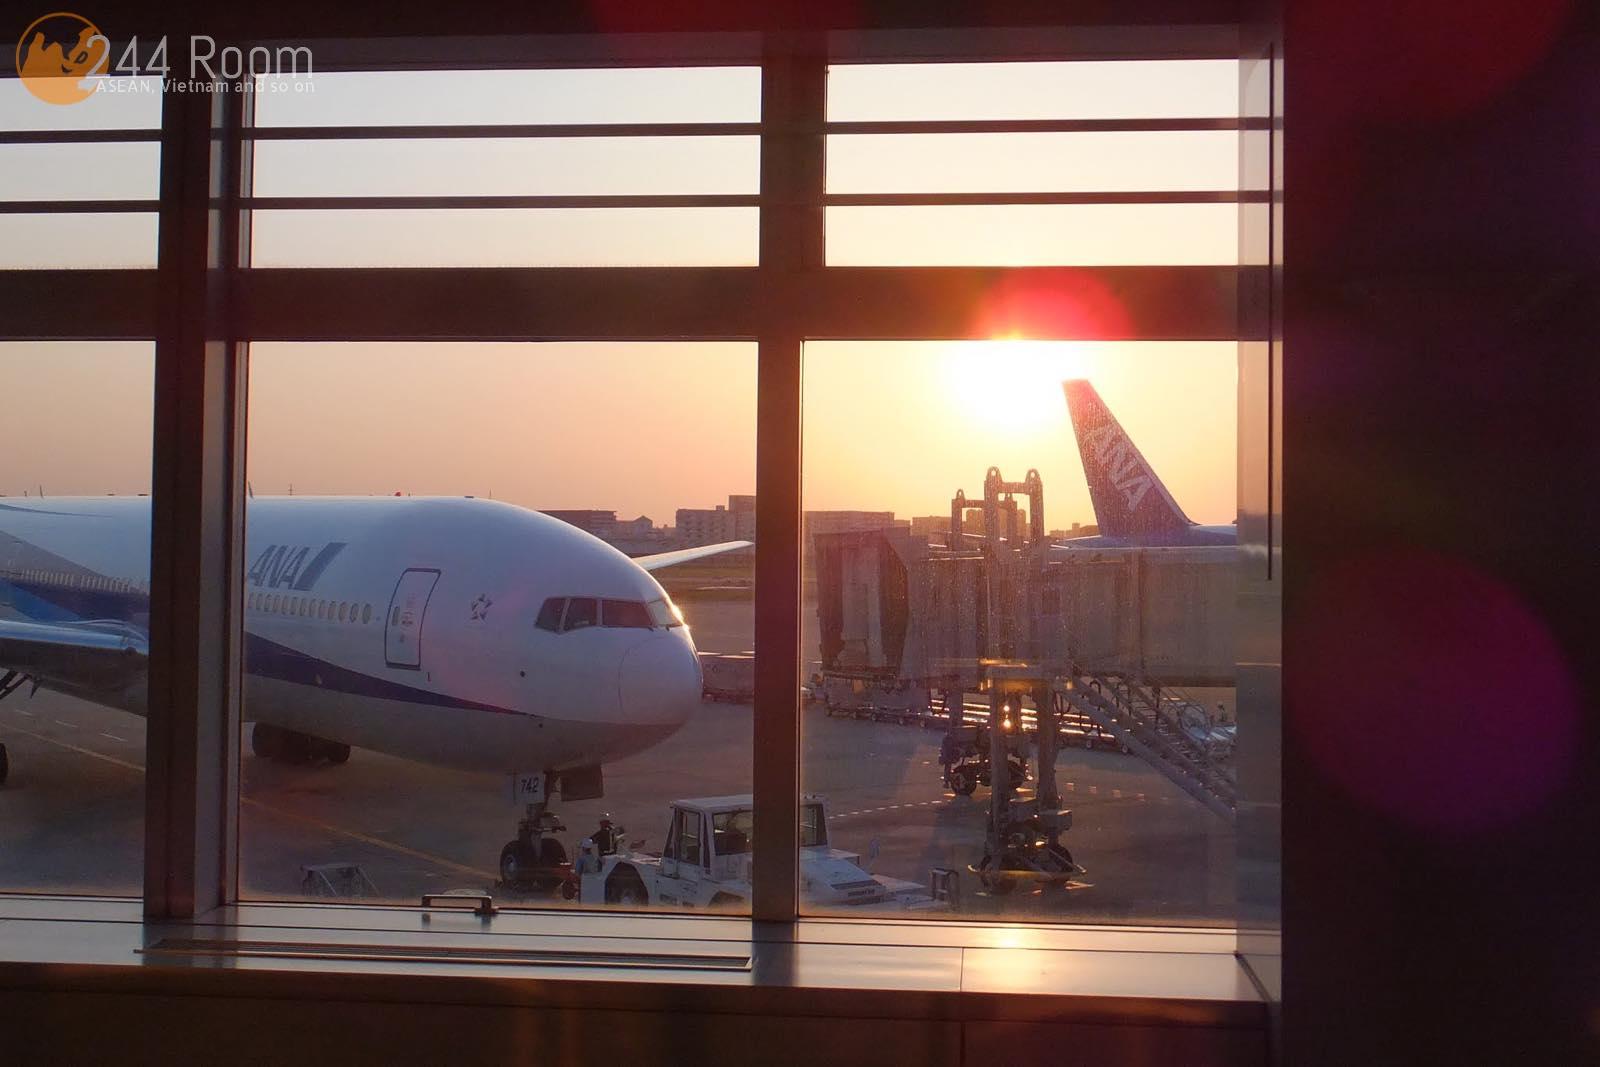 福岡空港国内線ターミナル Fukuoka International Airport2